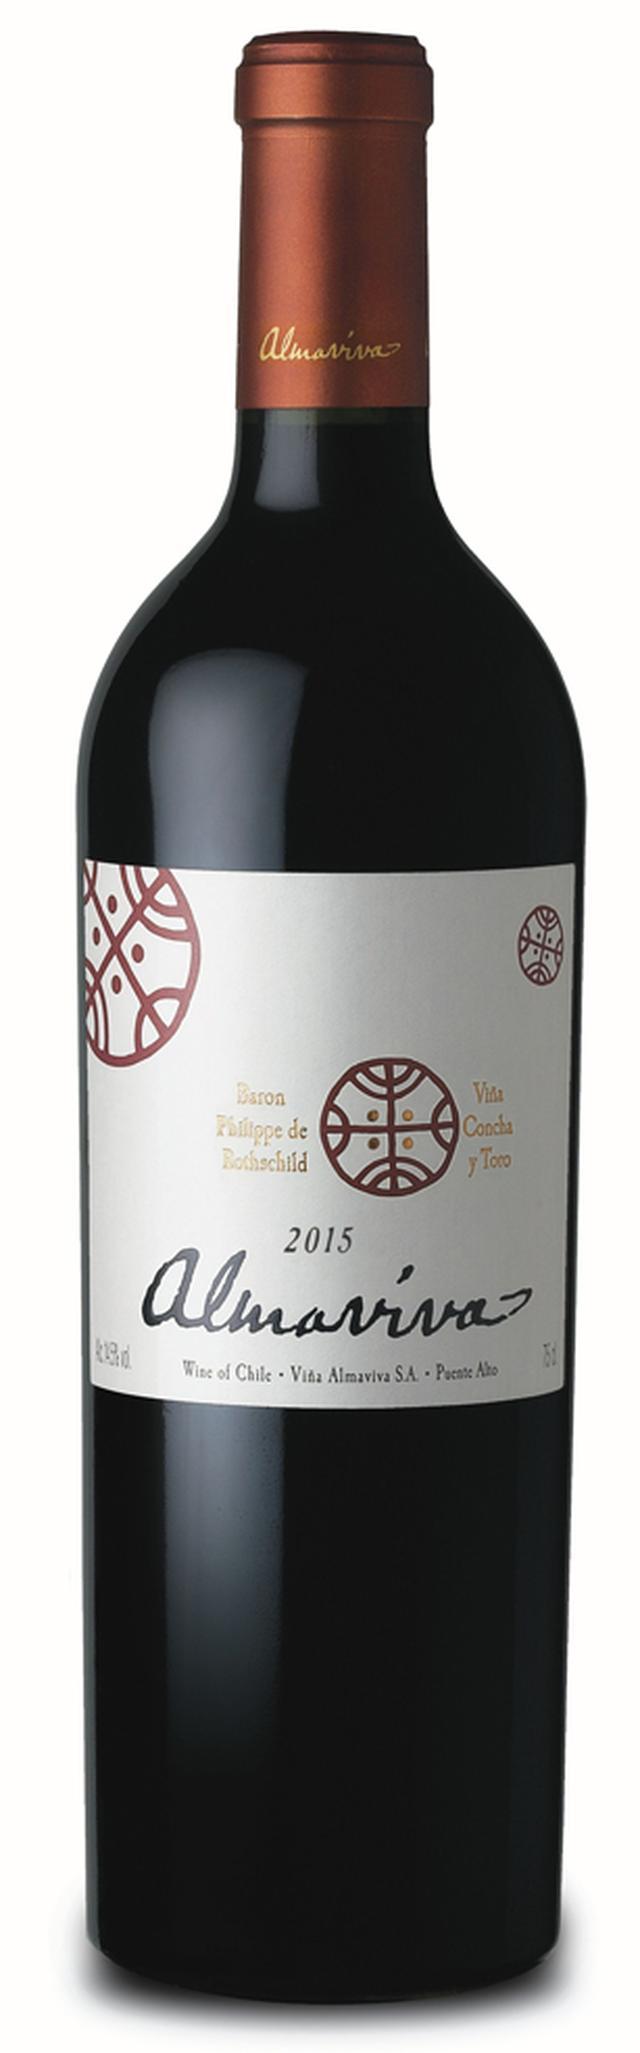 画像1: プレミアムチリワイン「アルマヴィーヴァ」ALMAVIVA。チリのテロワールとボルドーの技術が出合い 生まれたプレミアムチリ